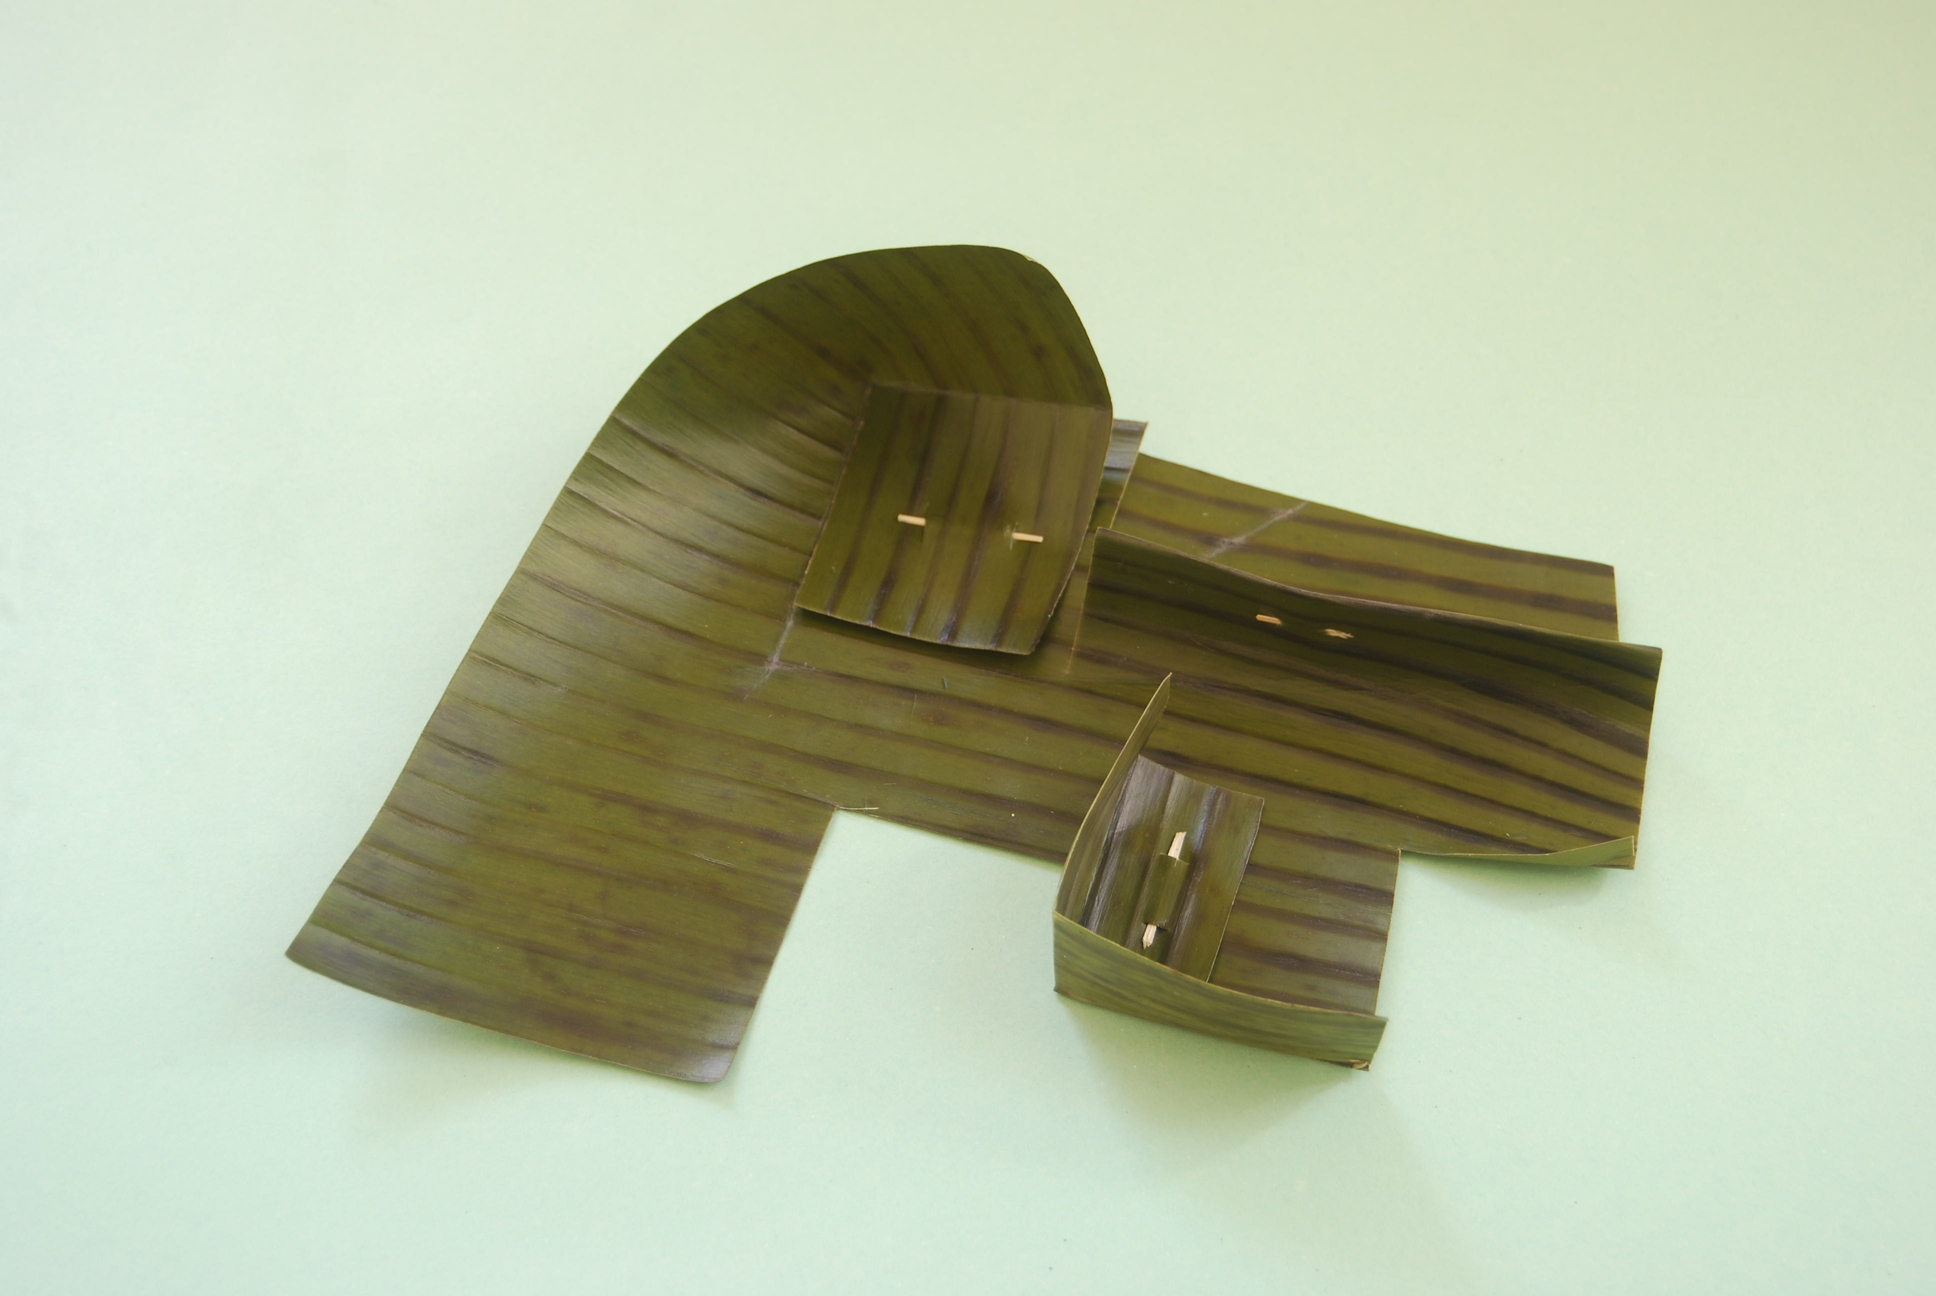 banana-leaves-mobile-sculptures-2-150dpi.jpg